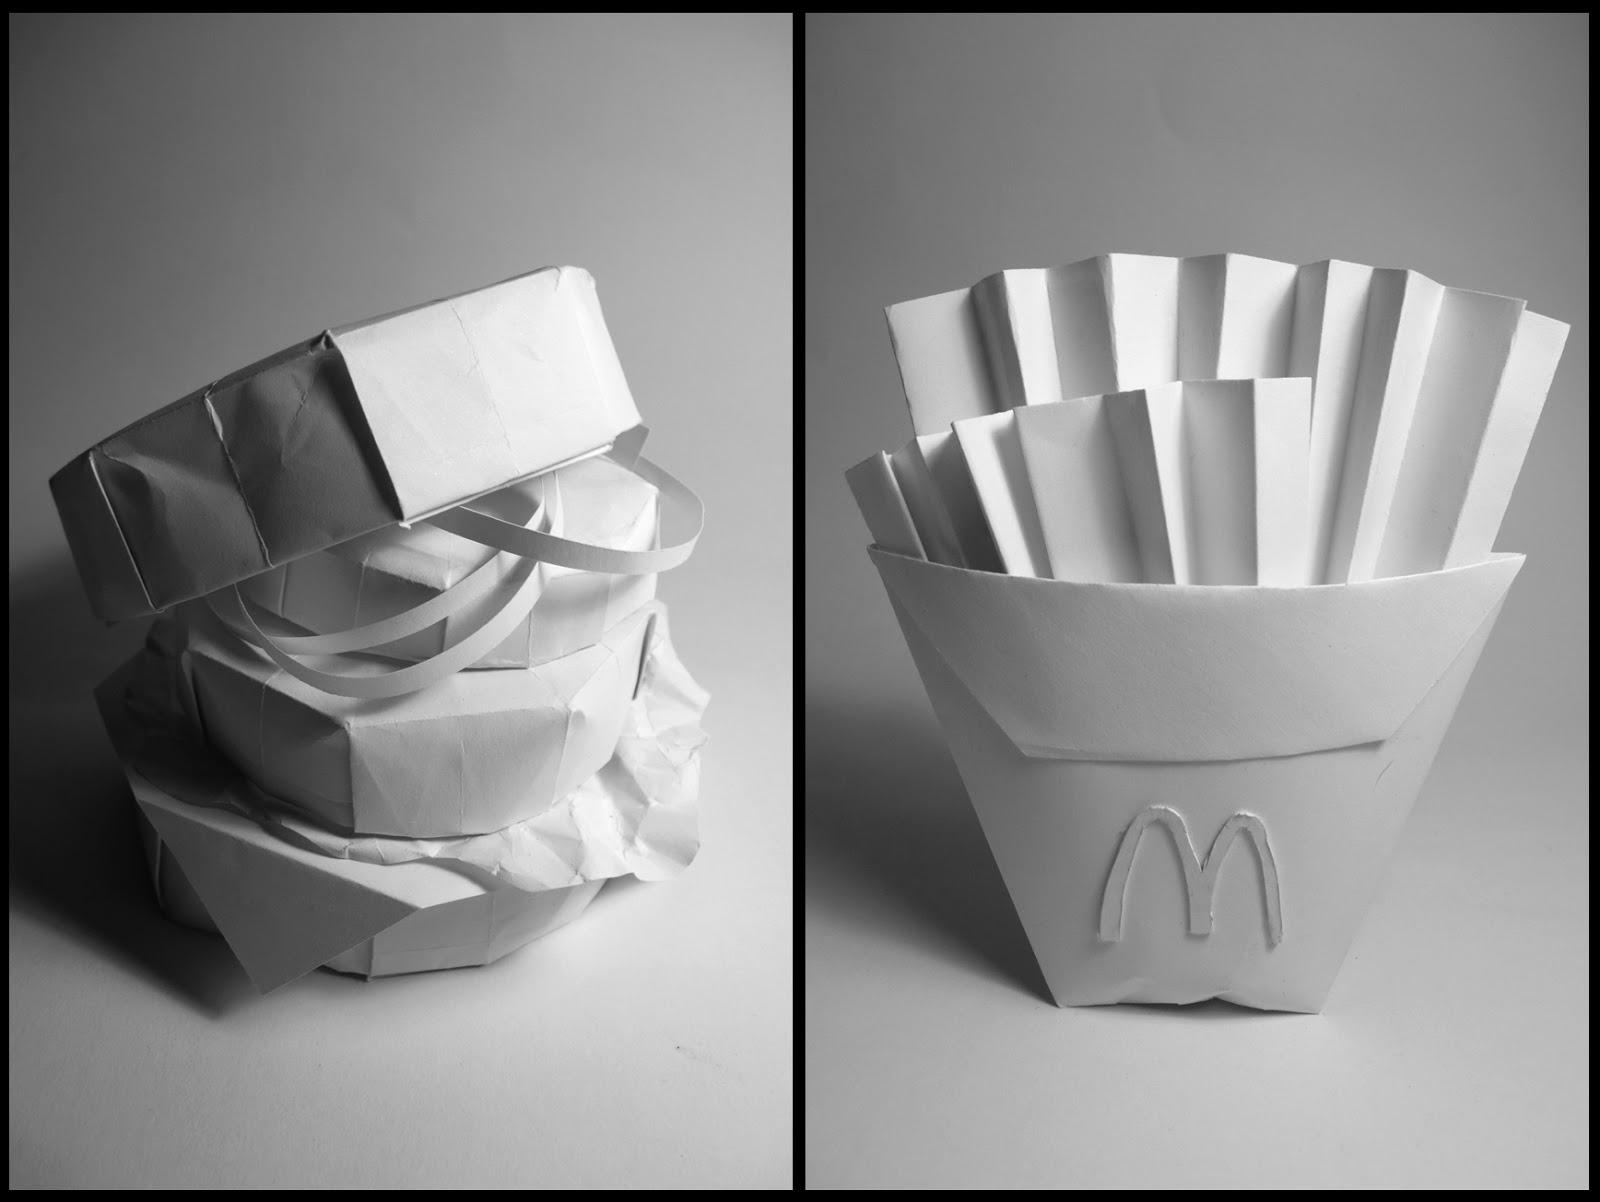 Origami aplicado a dise o y arquitectura dise o estrategico - Diseno y arquitectura ...